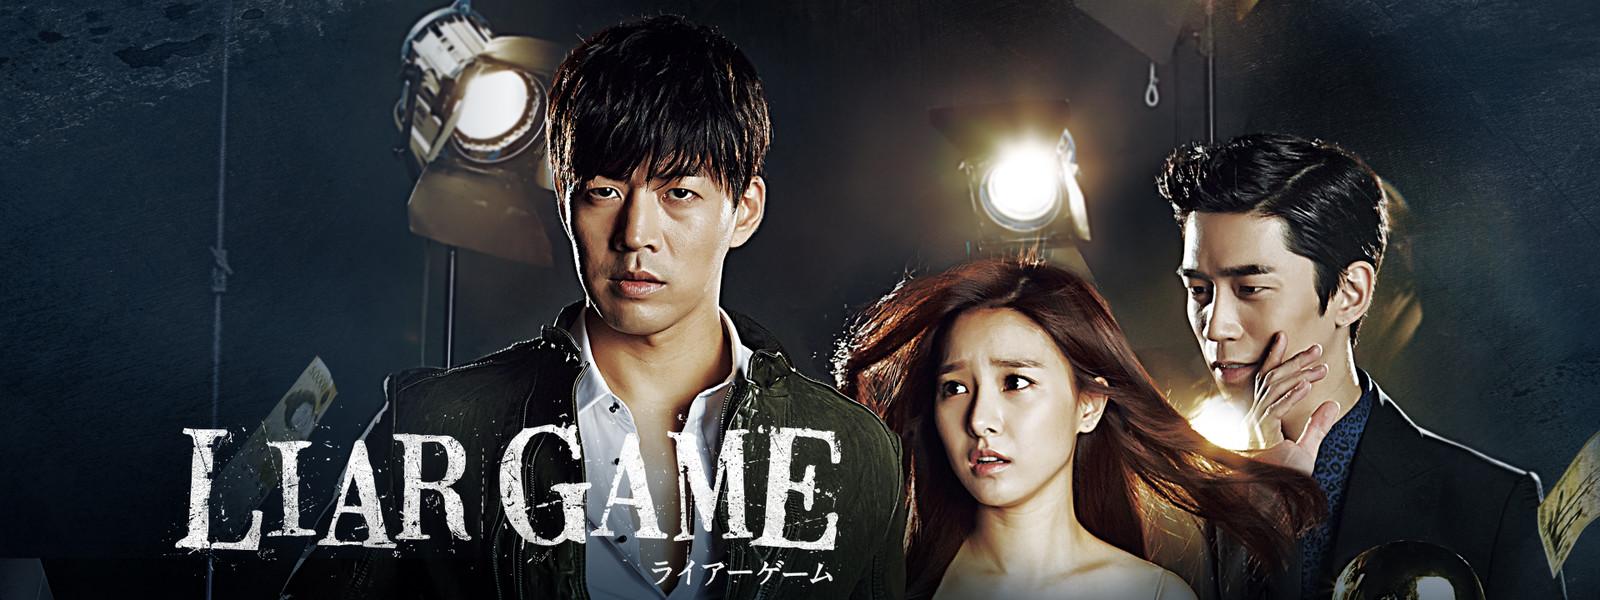 韓国ドラマ【LIAR GAME~ライアーゲーム~】を全話無料で見る方法とは?おすすめ・人気・見逃した動画をスマホで簡単に1話から最終回まで無料視聴する方法と各動画配信サービスを徹底比較解説!